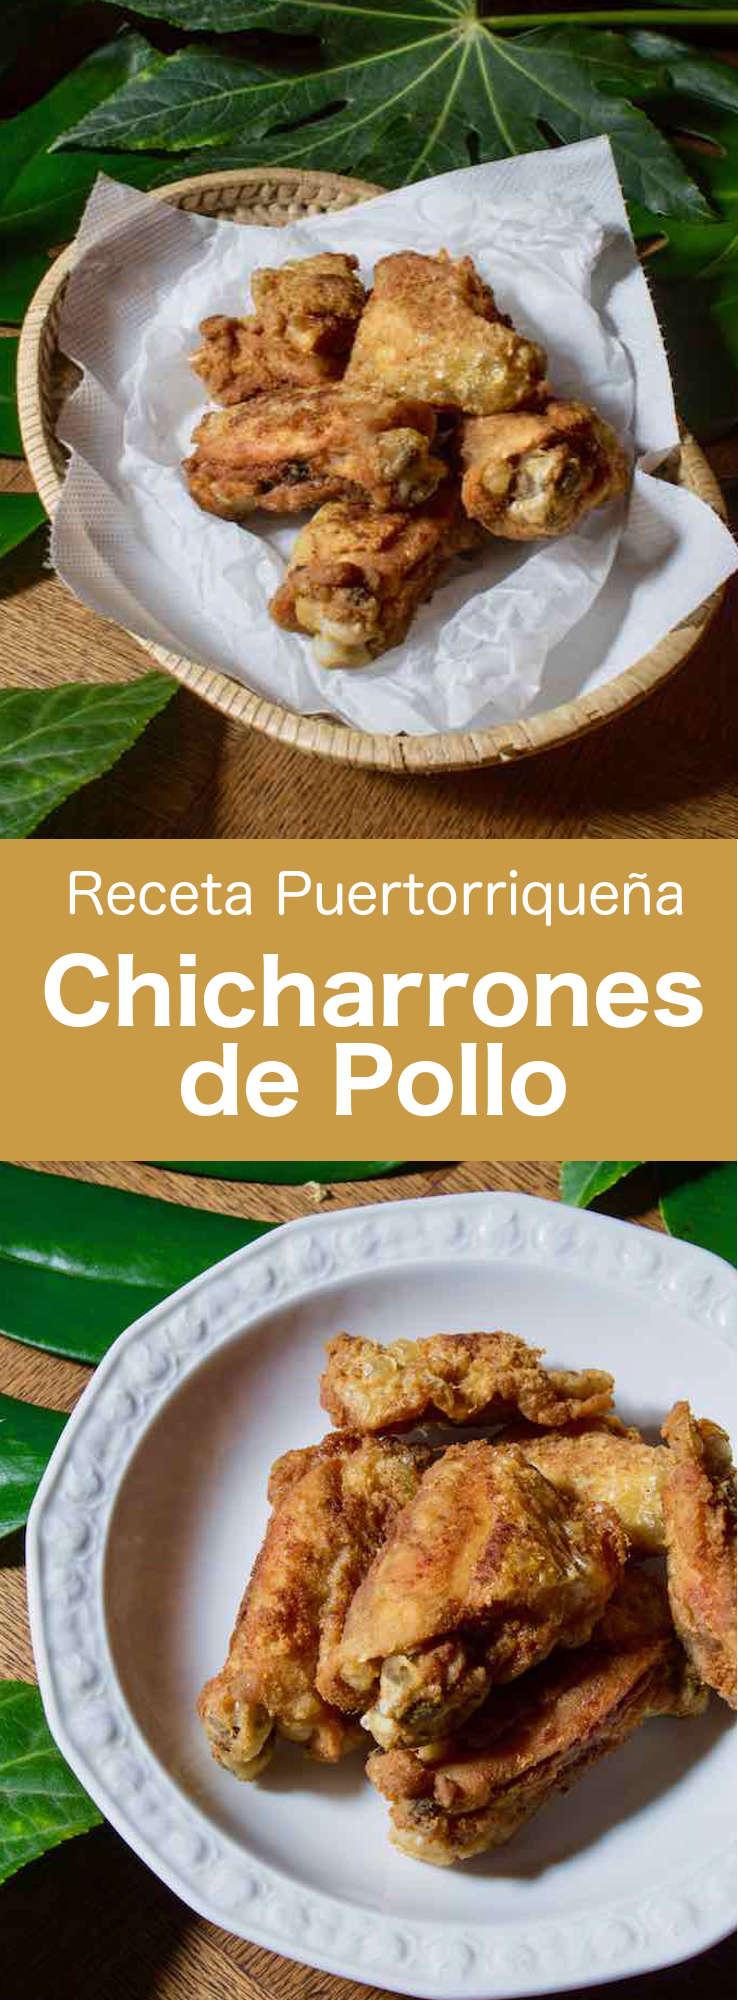 El chicharrón de pollo es una receta tradicional puertorriqueña, cubana y dominicana de pollo deliciosamente marinado, empanado y frito.